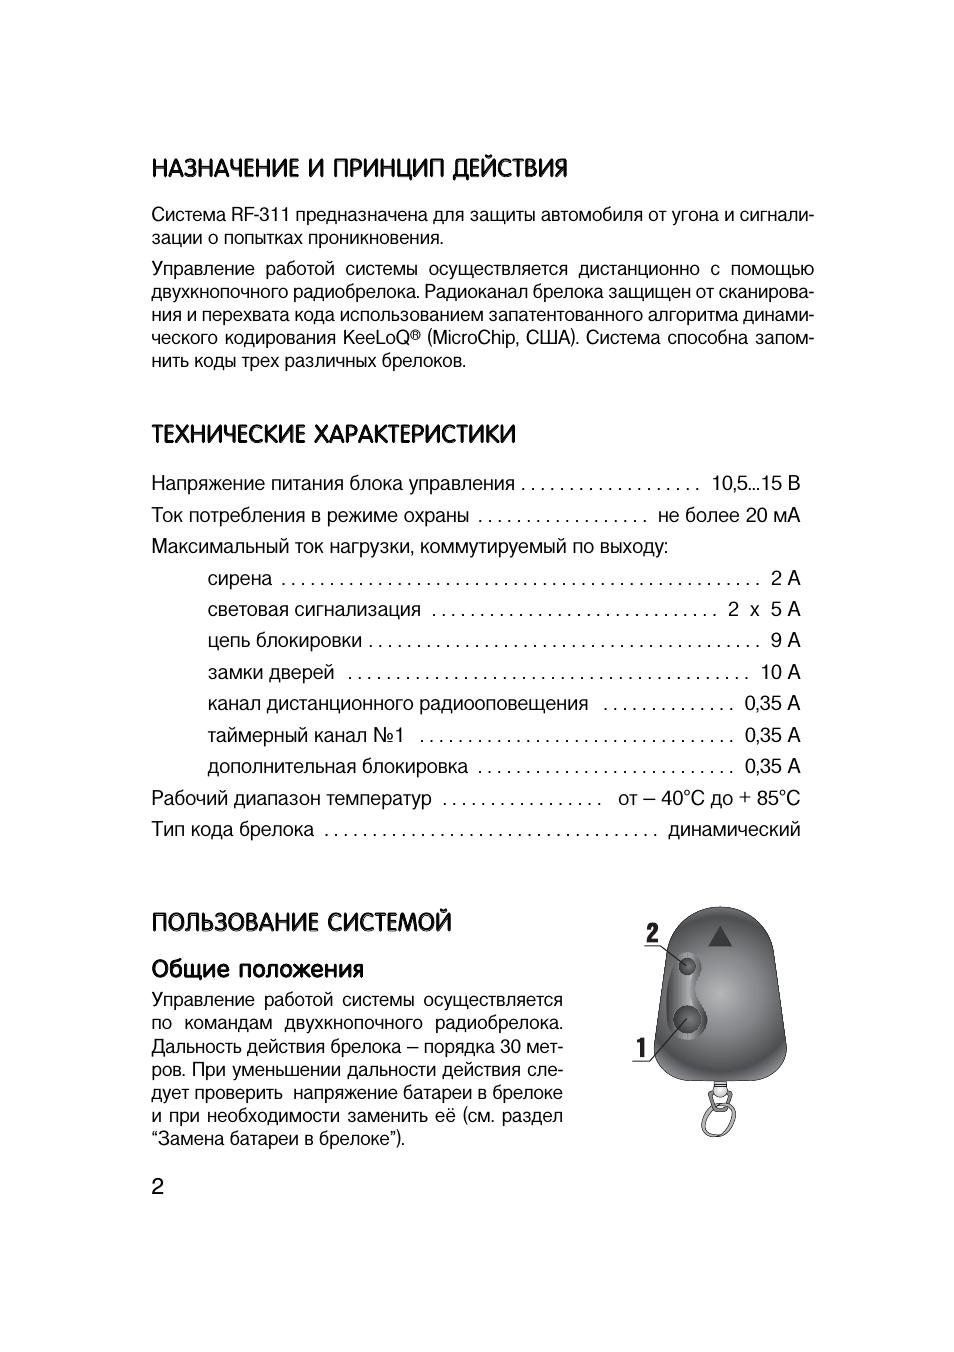 Назначение и принцип действия, Технические характеристики, Пользование системой